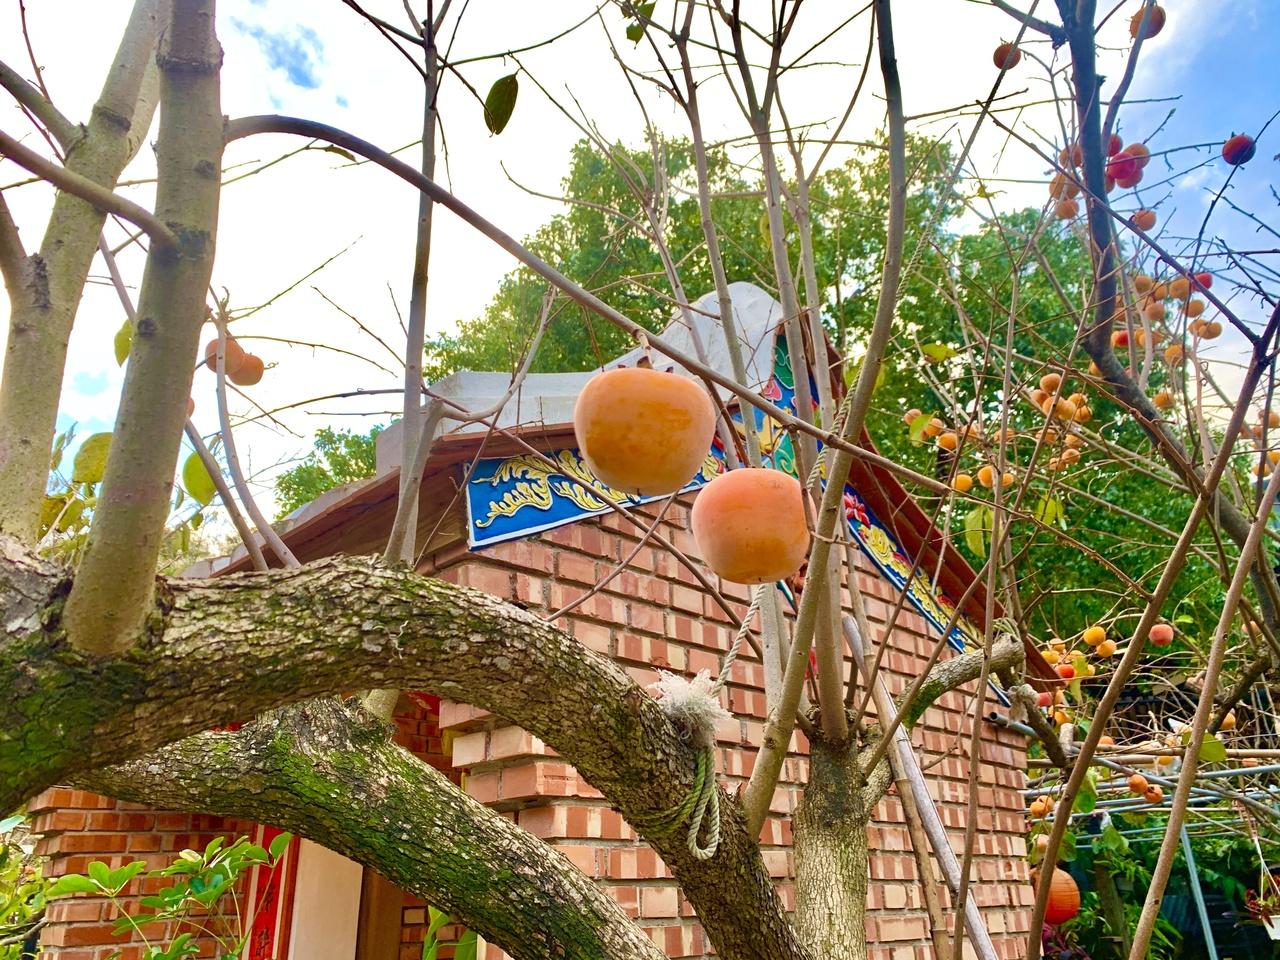 九降風起的金黃寶藏 新埔柿餅蘊含的美味秘密 | 橘世代